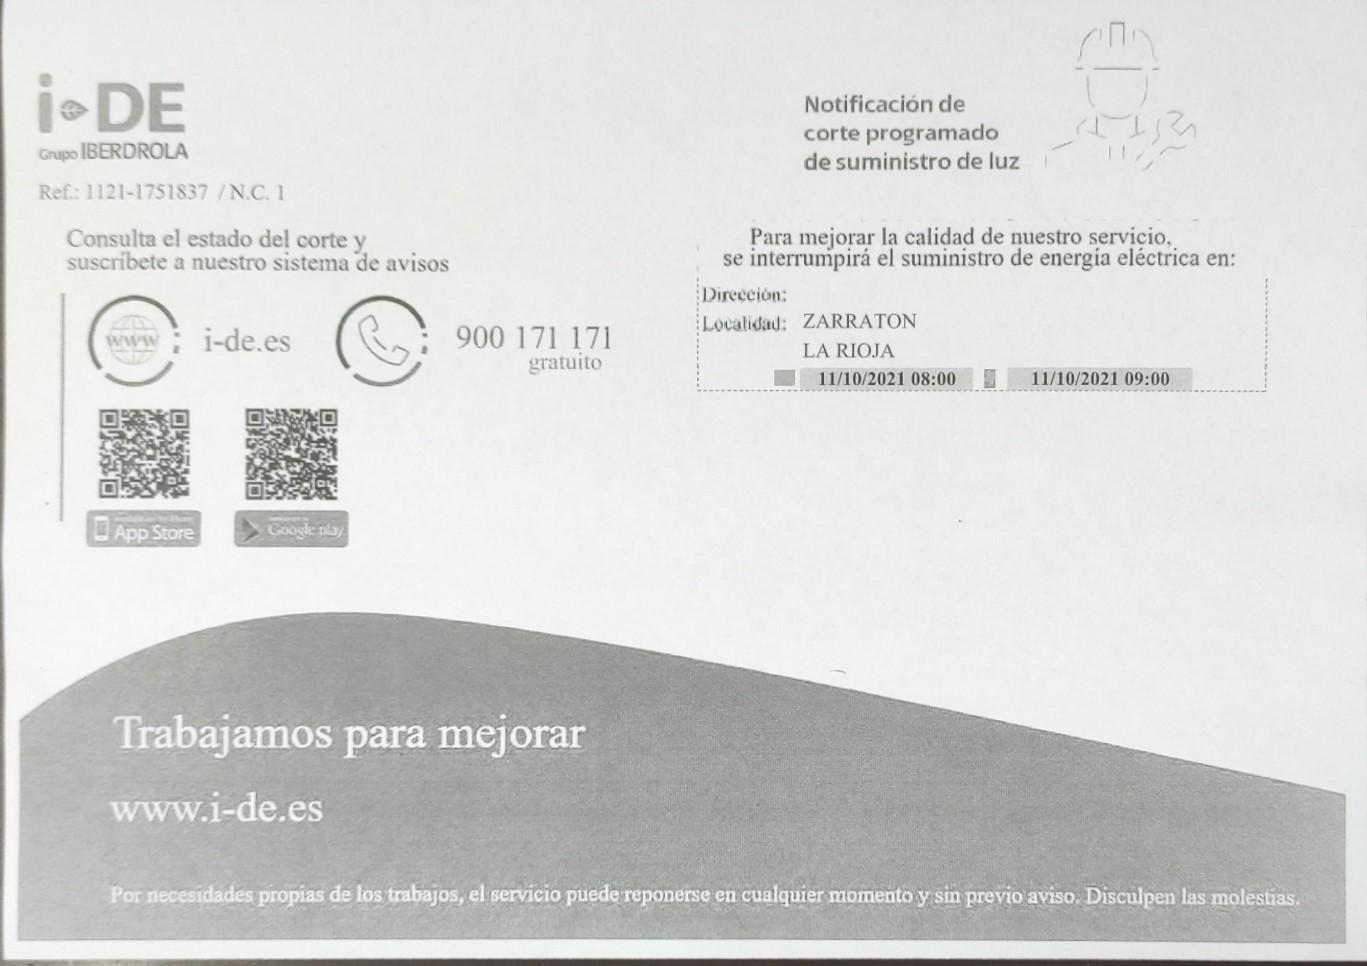 Notificación de corte programado de suministro de luz